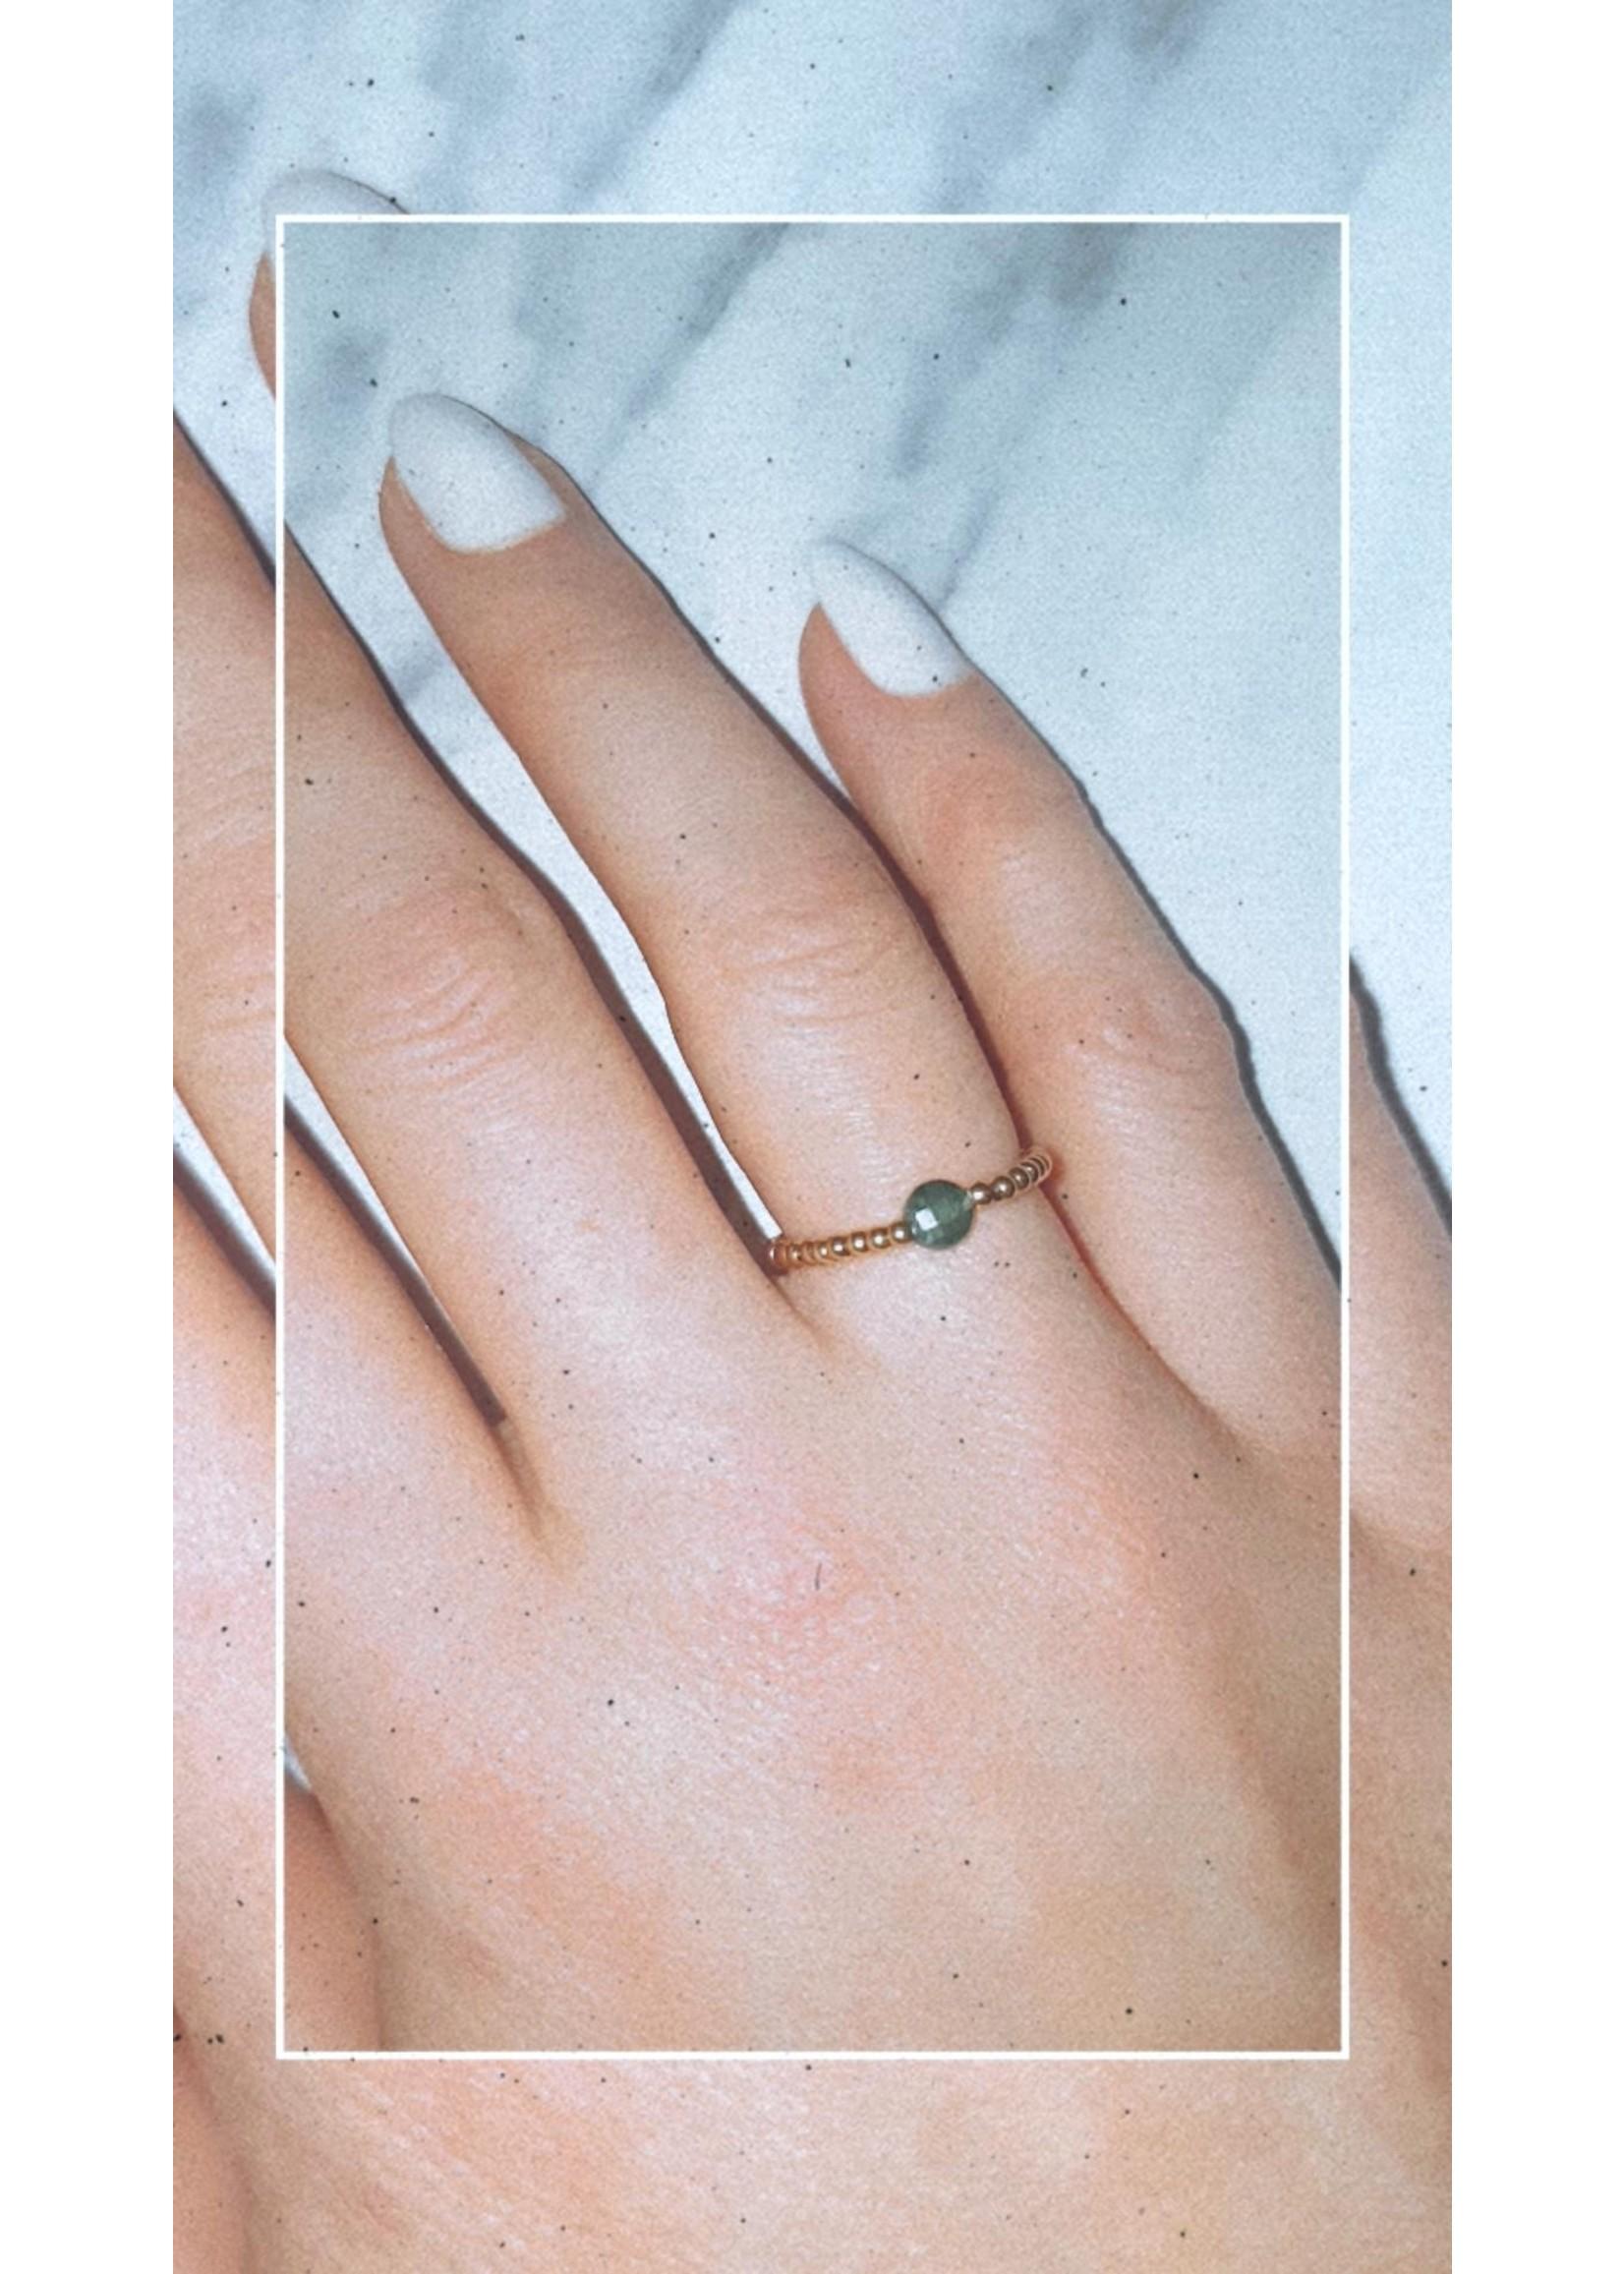 My Jewellery Ringetje van elastiek gekleurde steen GOUD - GROEN